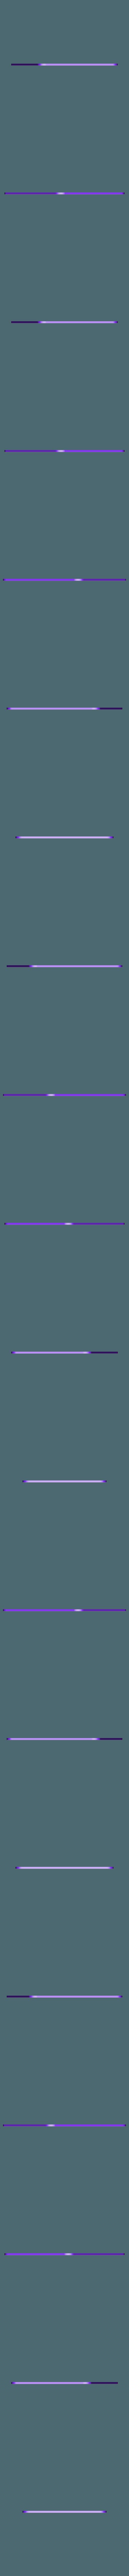 ParteMobile1.stl Télécharger fichier STL gratuit Support mince pour ordinateur portable • Design pour imprimante 3D, Kliffom